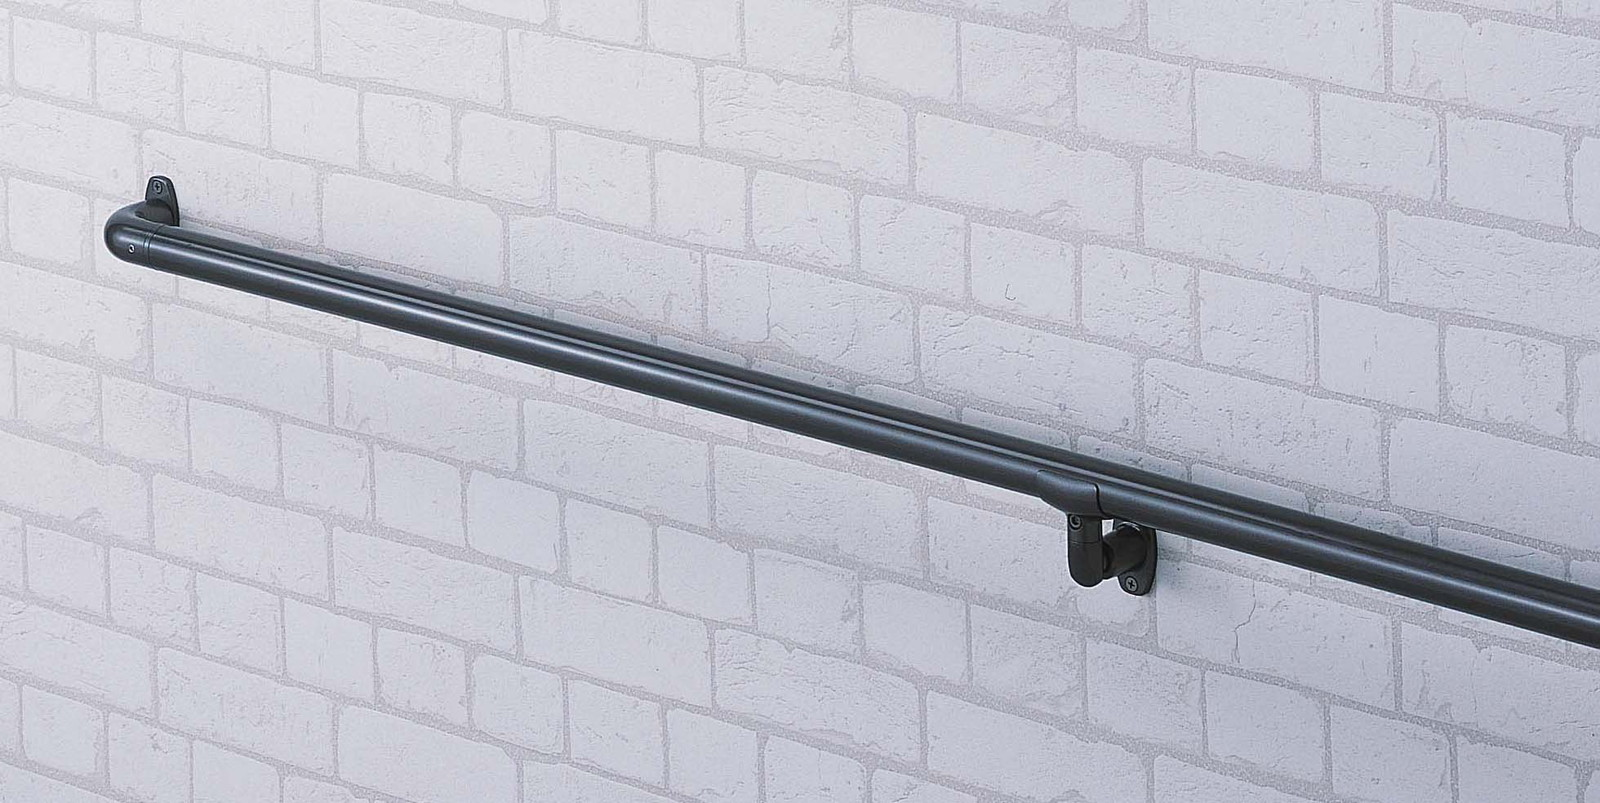 φ34屋外オーダー手すり CEY-2-MLB W1800mm メタリックライトブラウン[※代引不可]